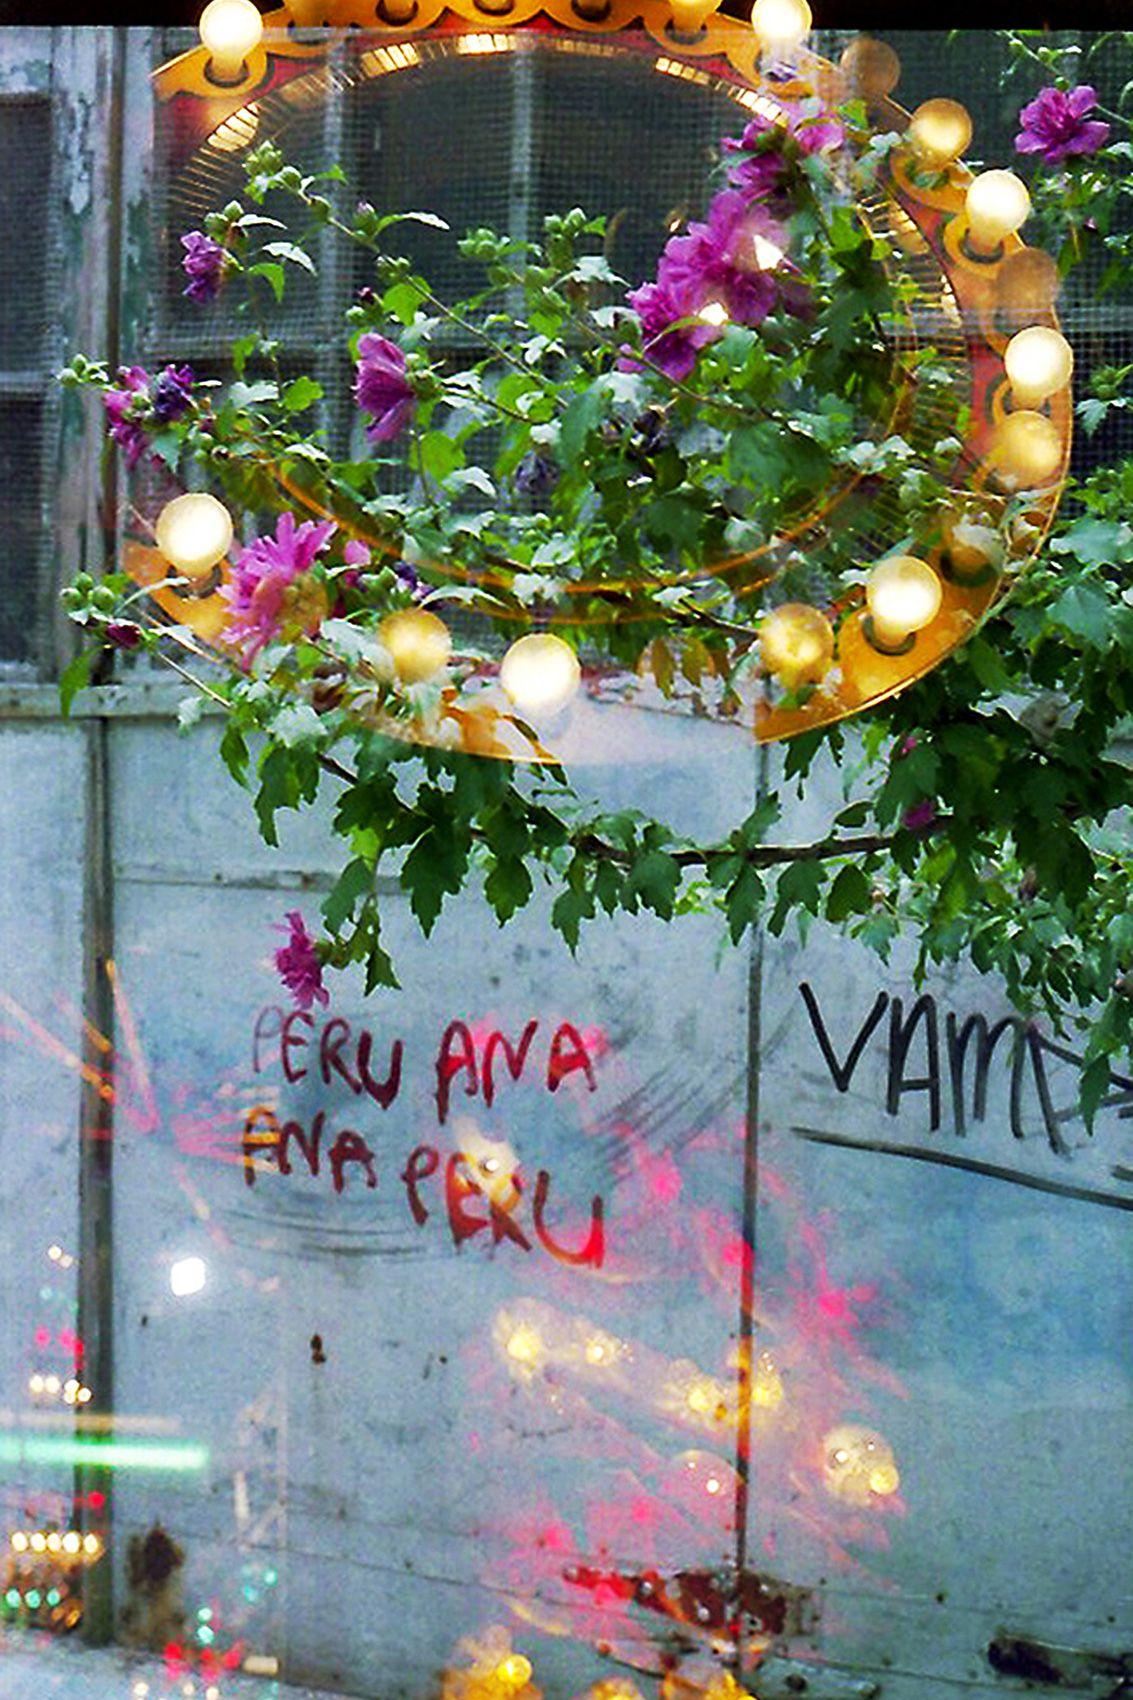 Peru Ana is Everywhere